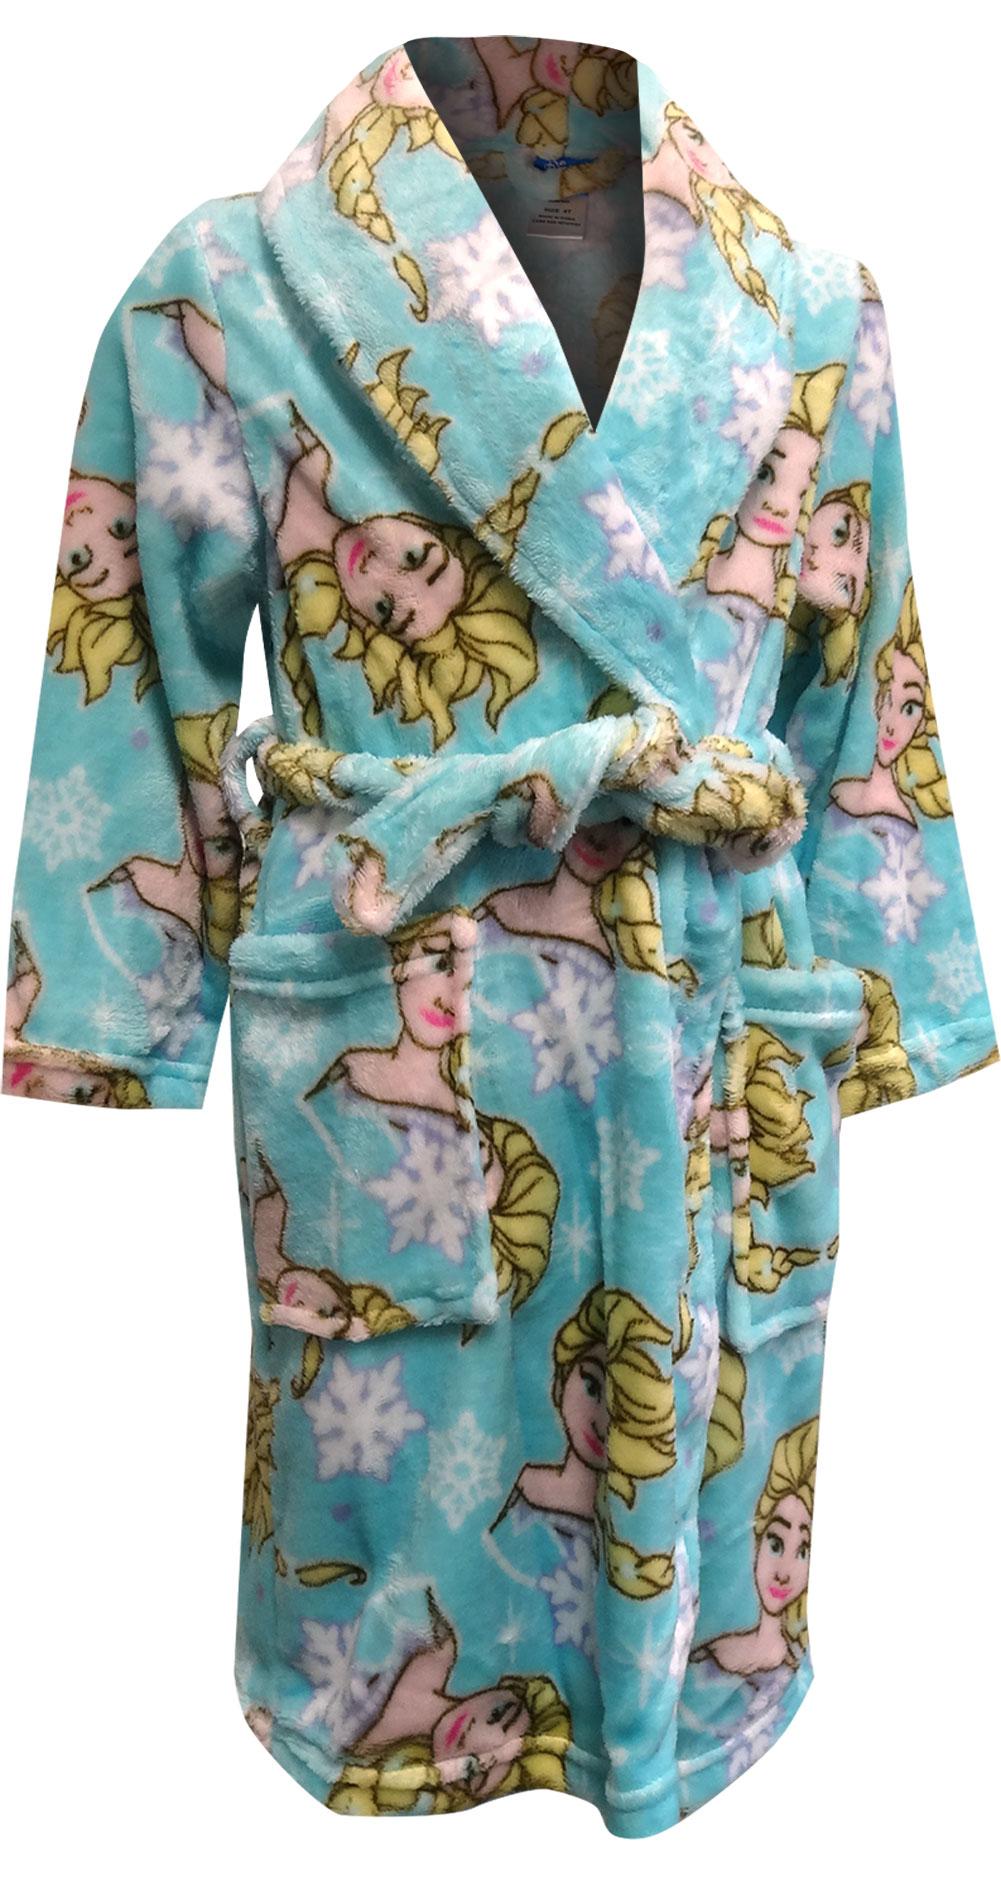 Image of Disney Frozen Elsa Cozy Blue Plush Toddler Robe for girls